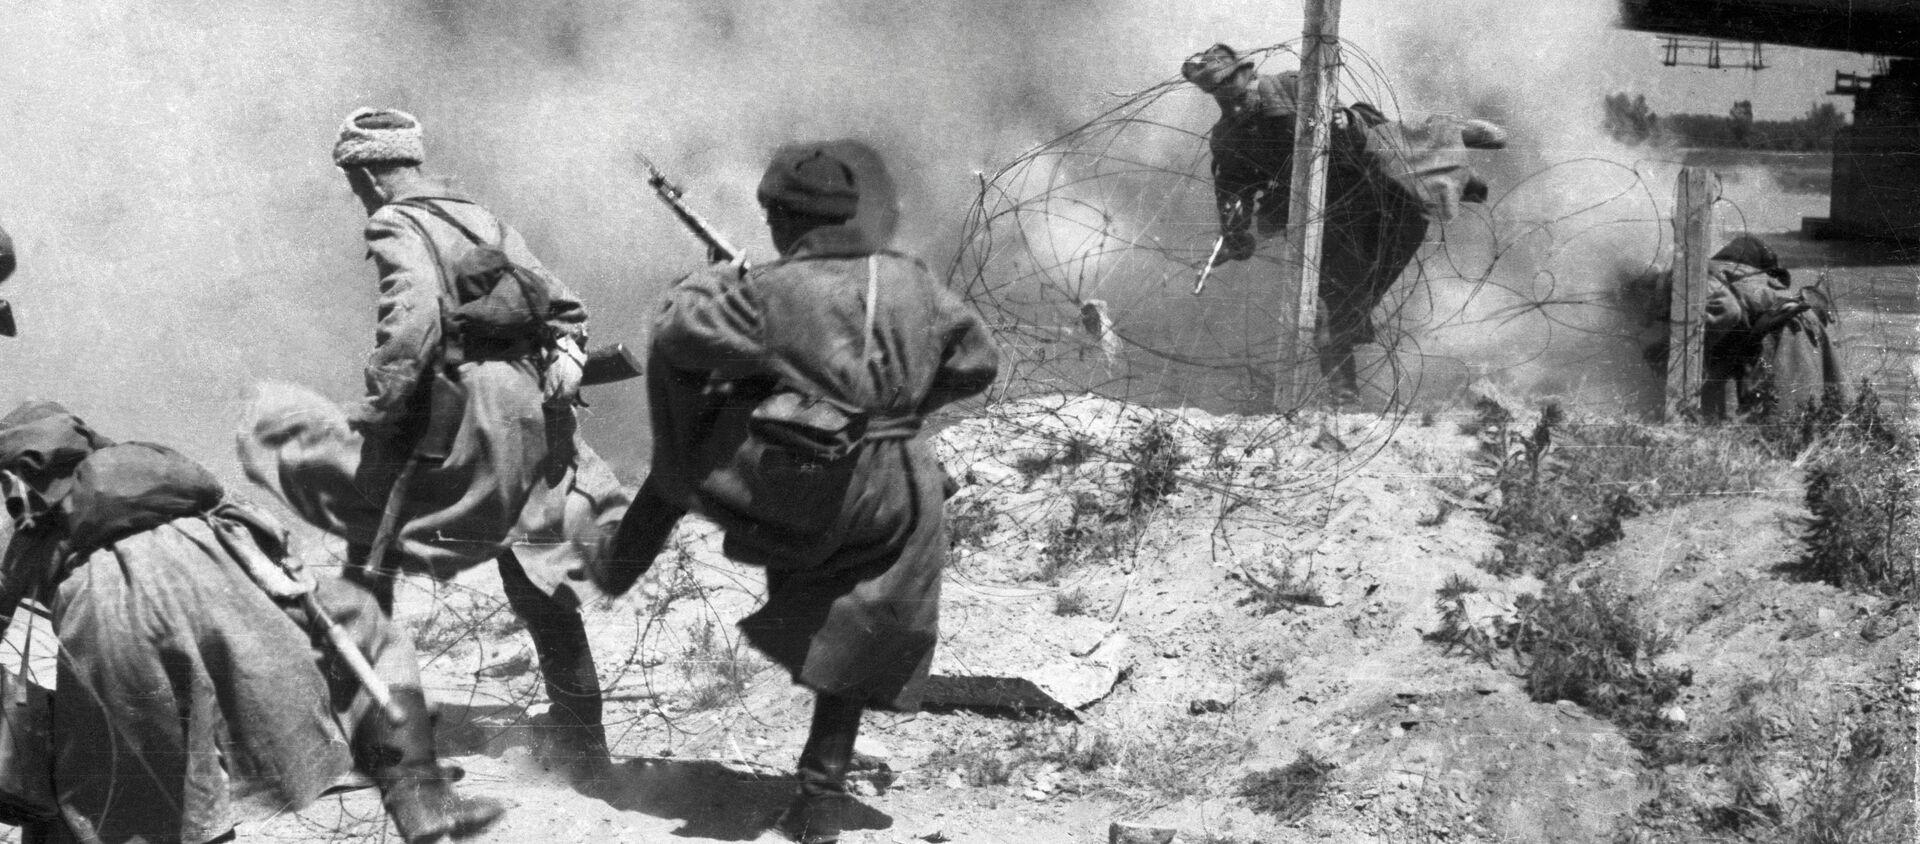 Vojáci Rudé armády  - Sputnik Česká republika, 1920, 02.04.2021